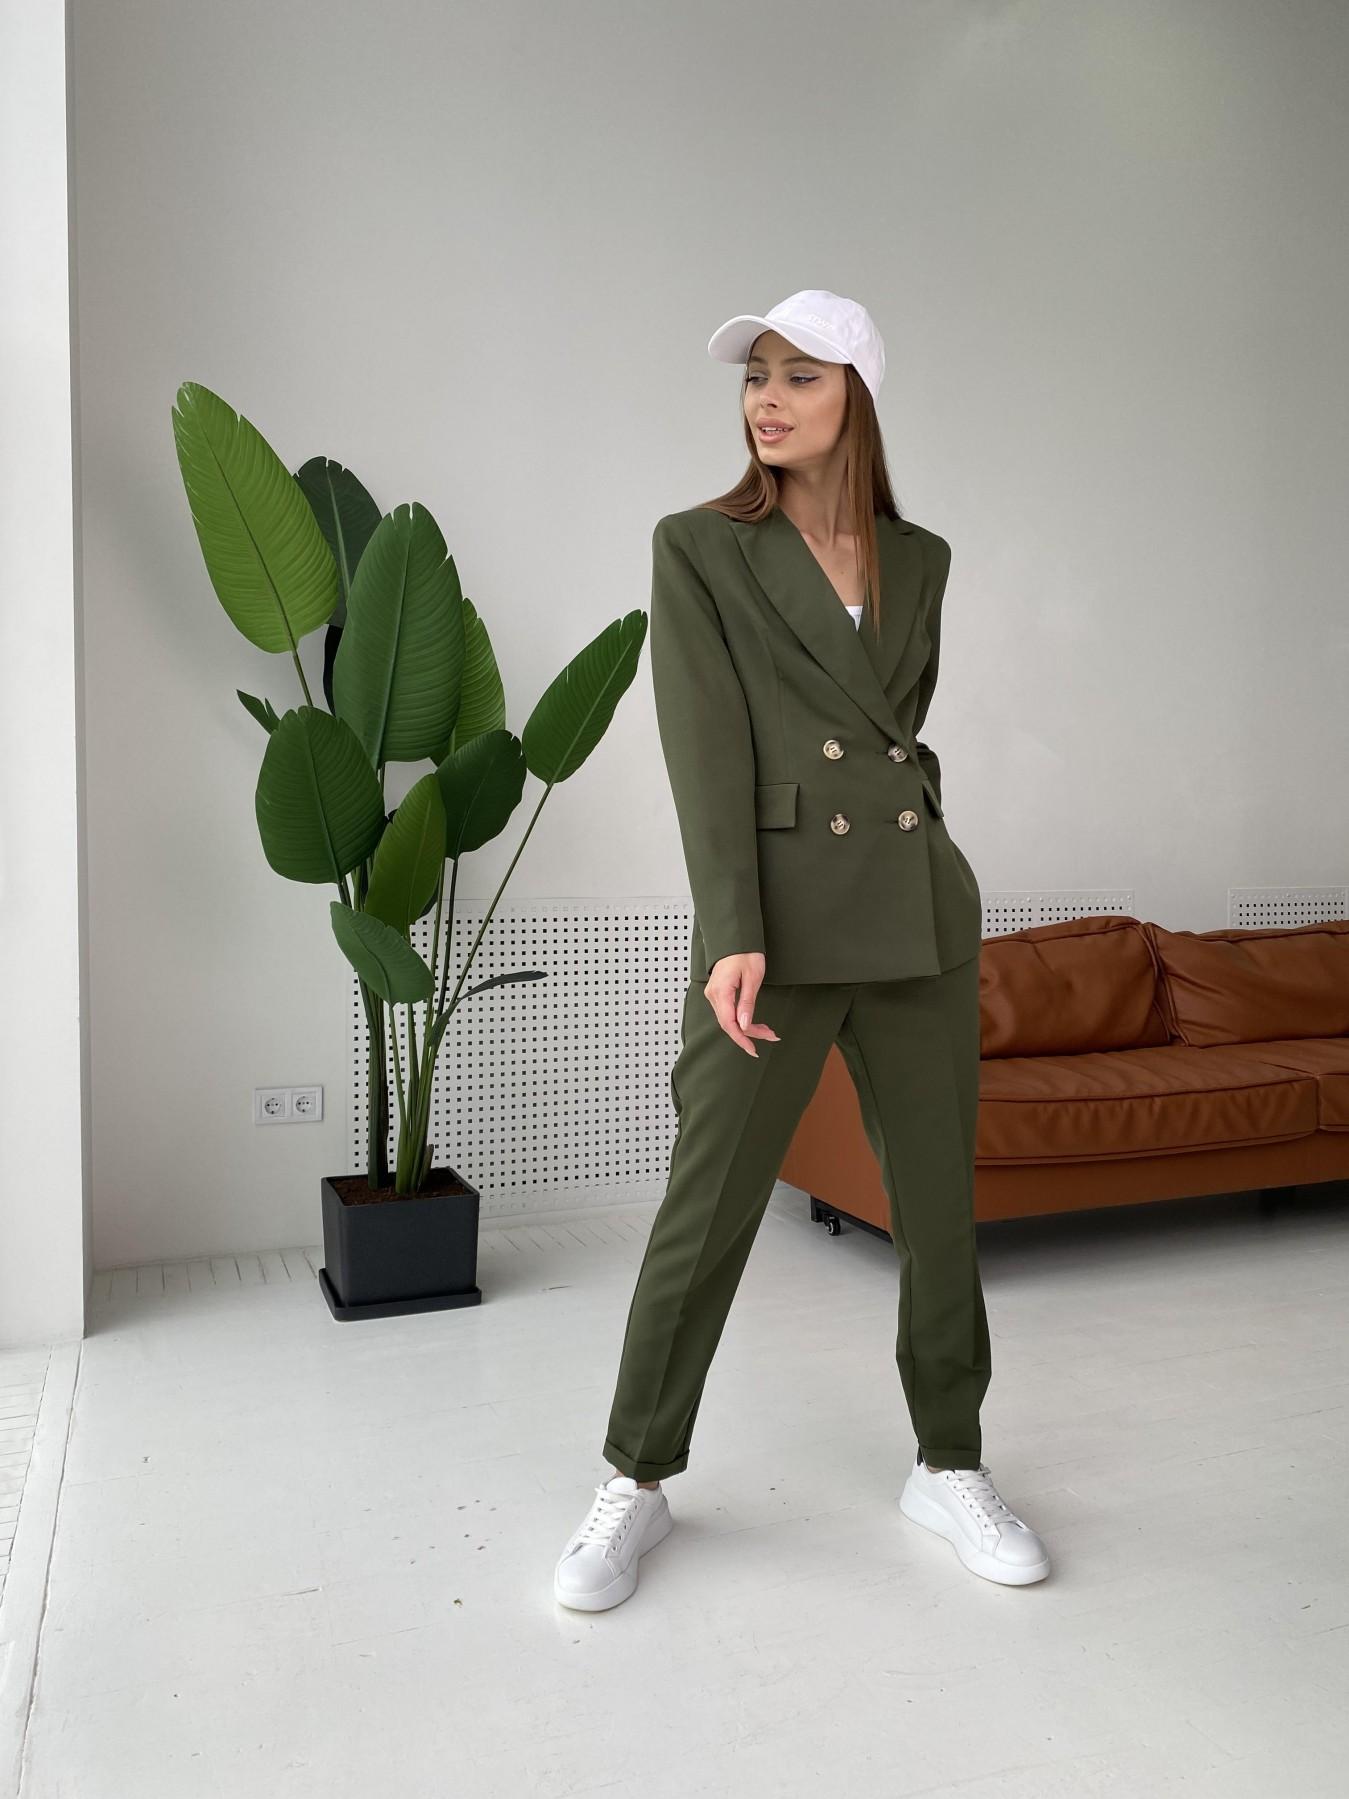 Франко костюм из костюмной ткани 11090 АРТ. 47970 Цвет: Хаки - фото 4, интернет магазин tm-modus.ru